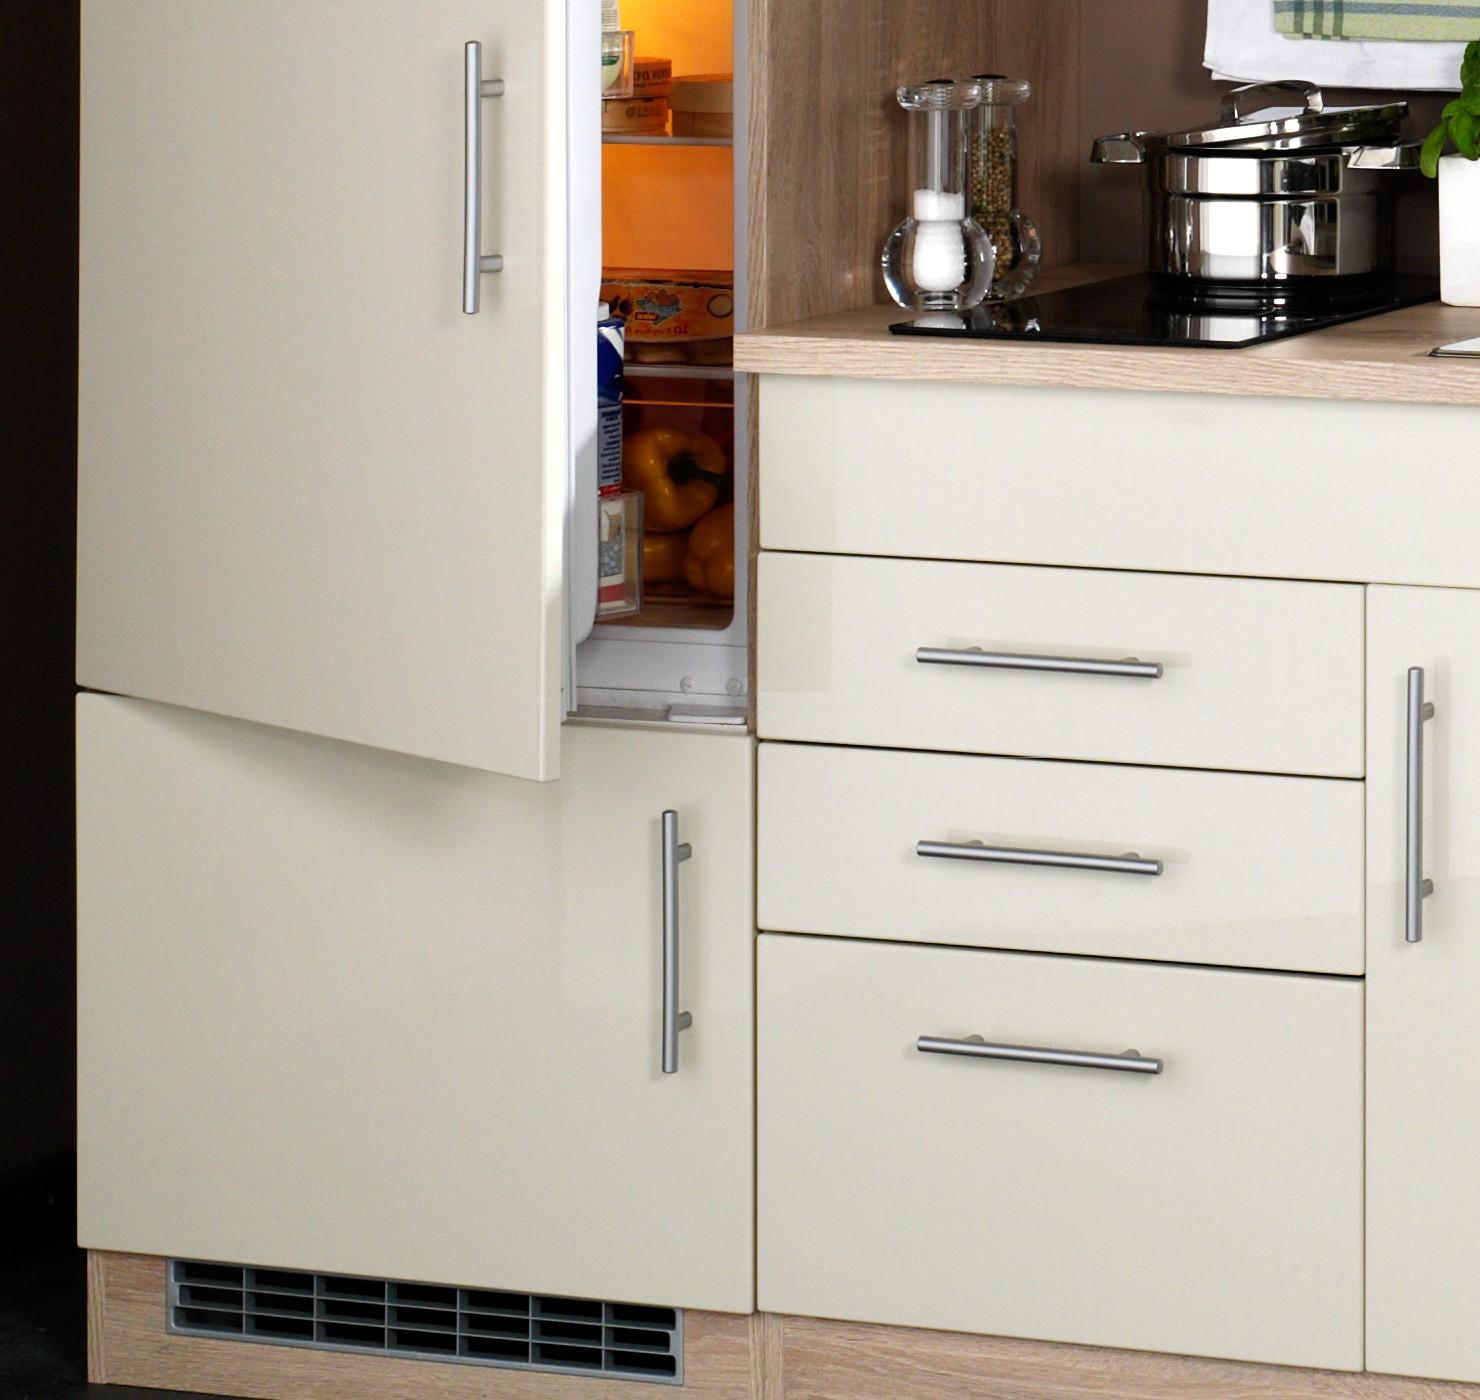 singlek che berlin glaskeramik kochfeld und k hlschrank breite 160 cm hochglanz creme. Black Bedroom Furniture Sets. Home Design Ideas